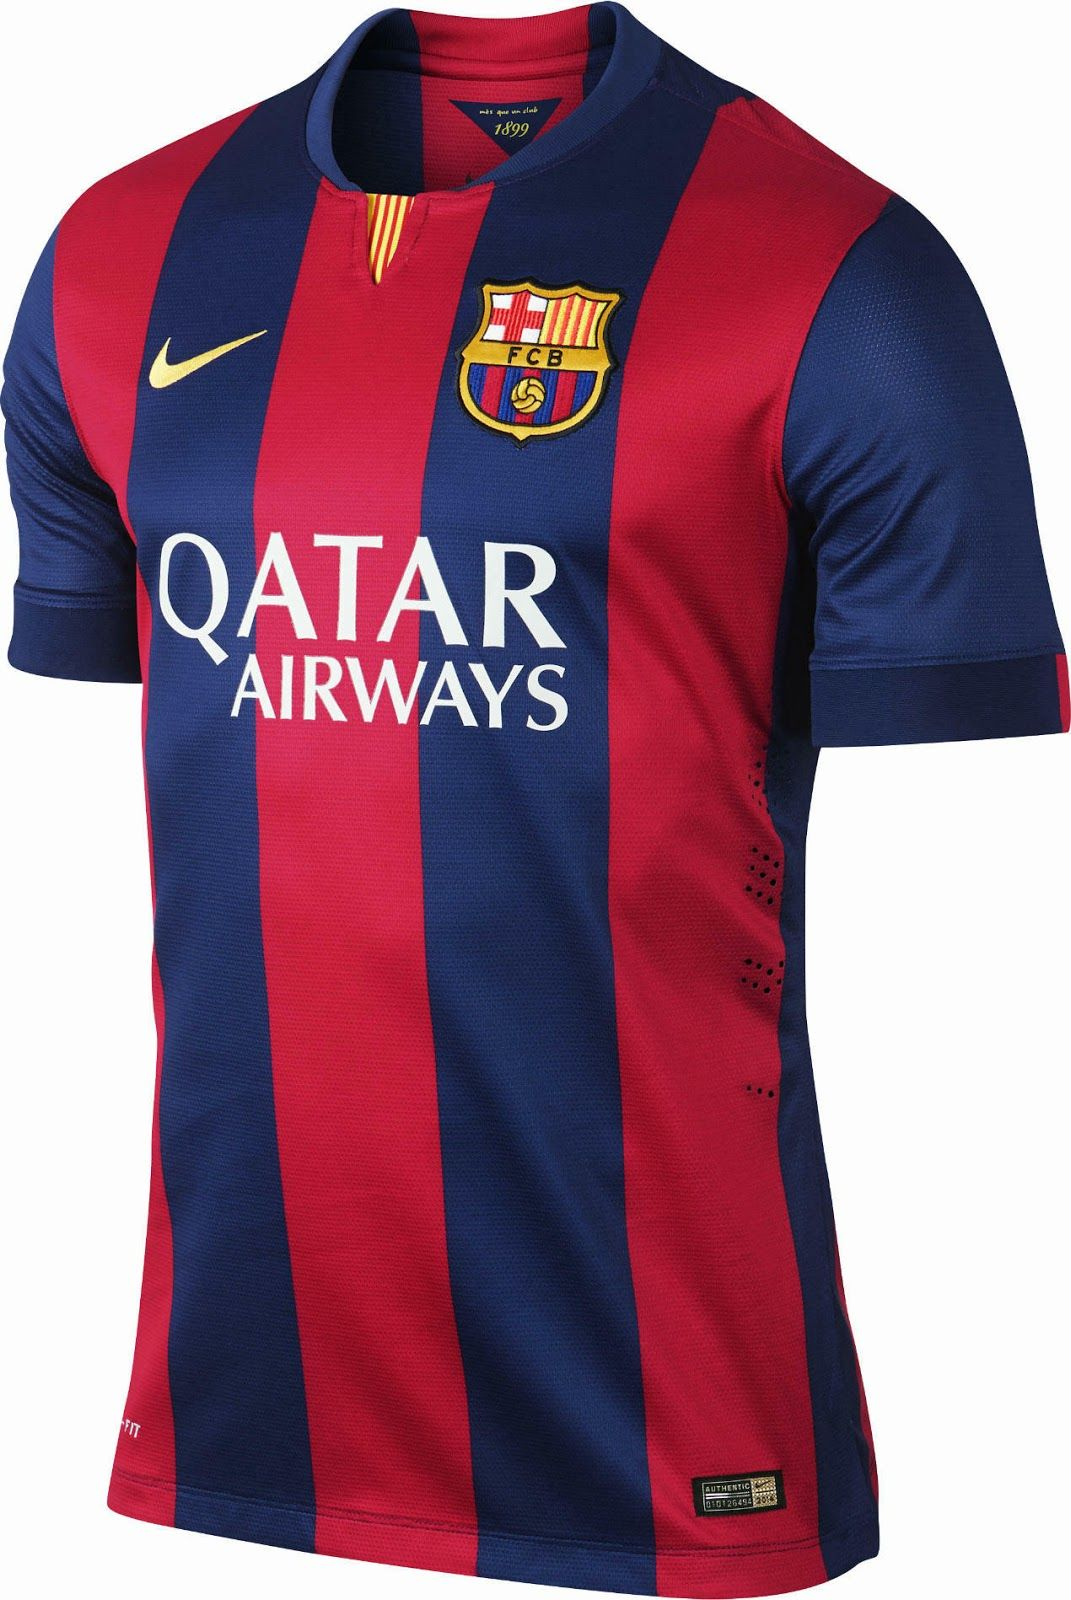 Pin de La Mano de Dios en F.C.Barcelona Camisetas 2015  c1ff0429c38c5